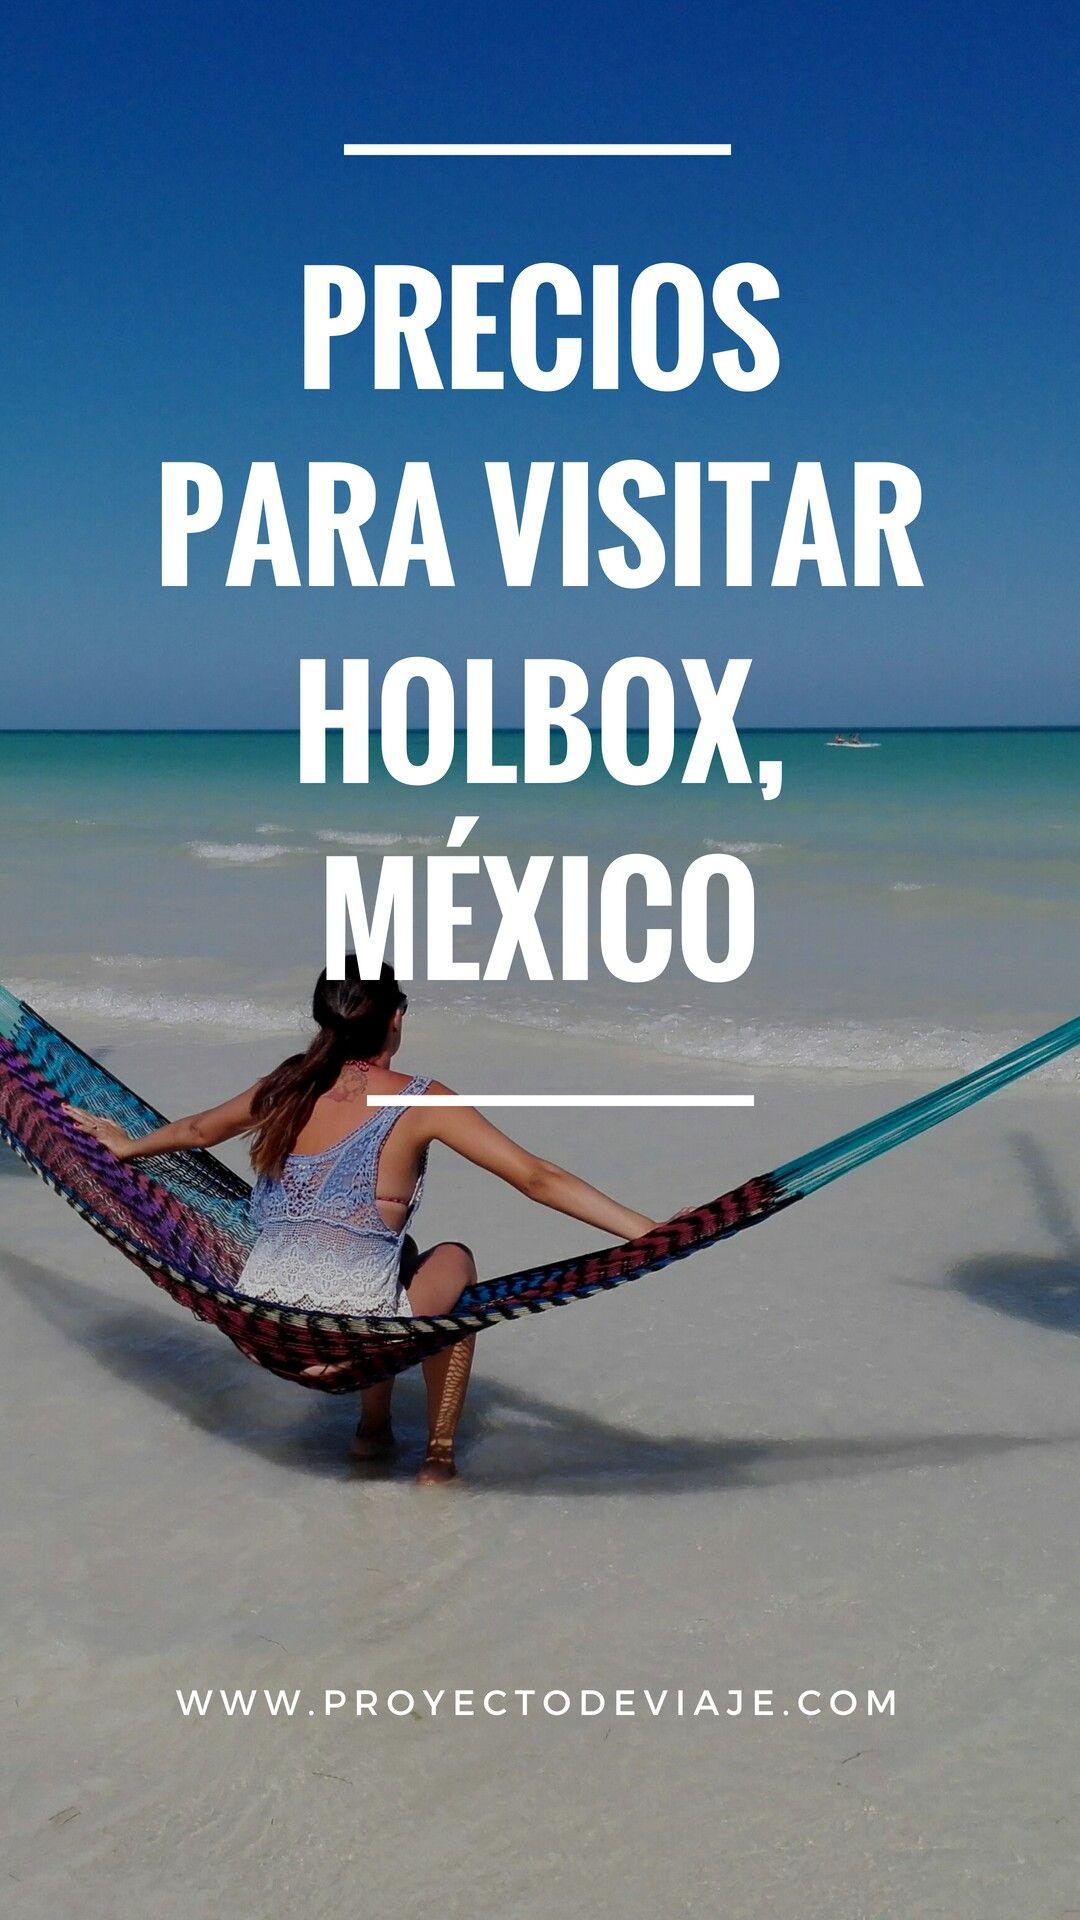 Tips Y Costos Para Holbox Holbox Mexico Tipsviaje Amomexico Blogdeviajes Lugares Hermosos De Mexico Lugares Magicos De Mexico Lugares De Vacaciones